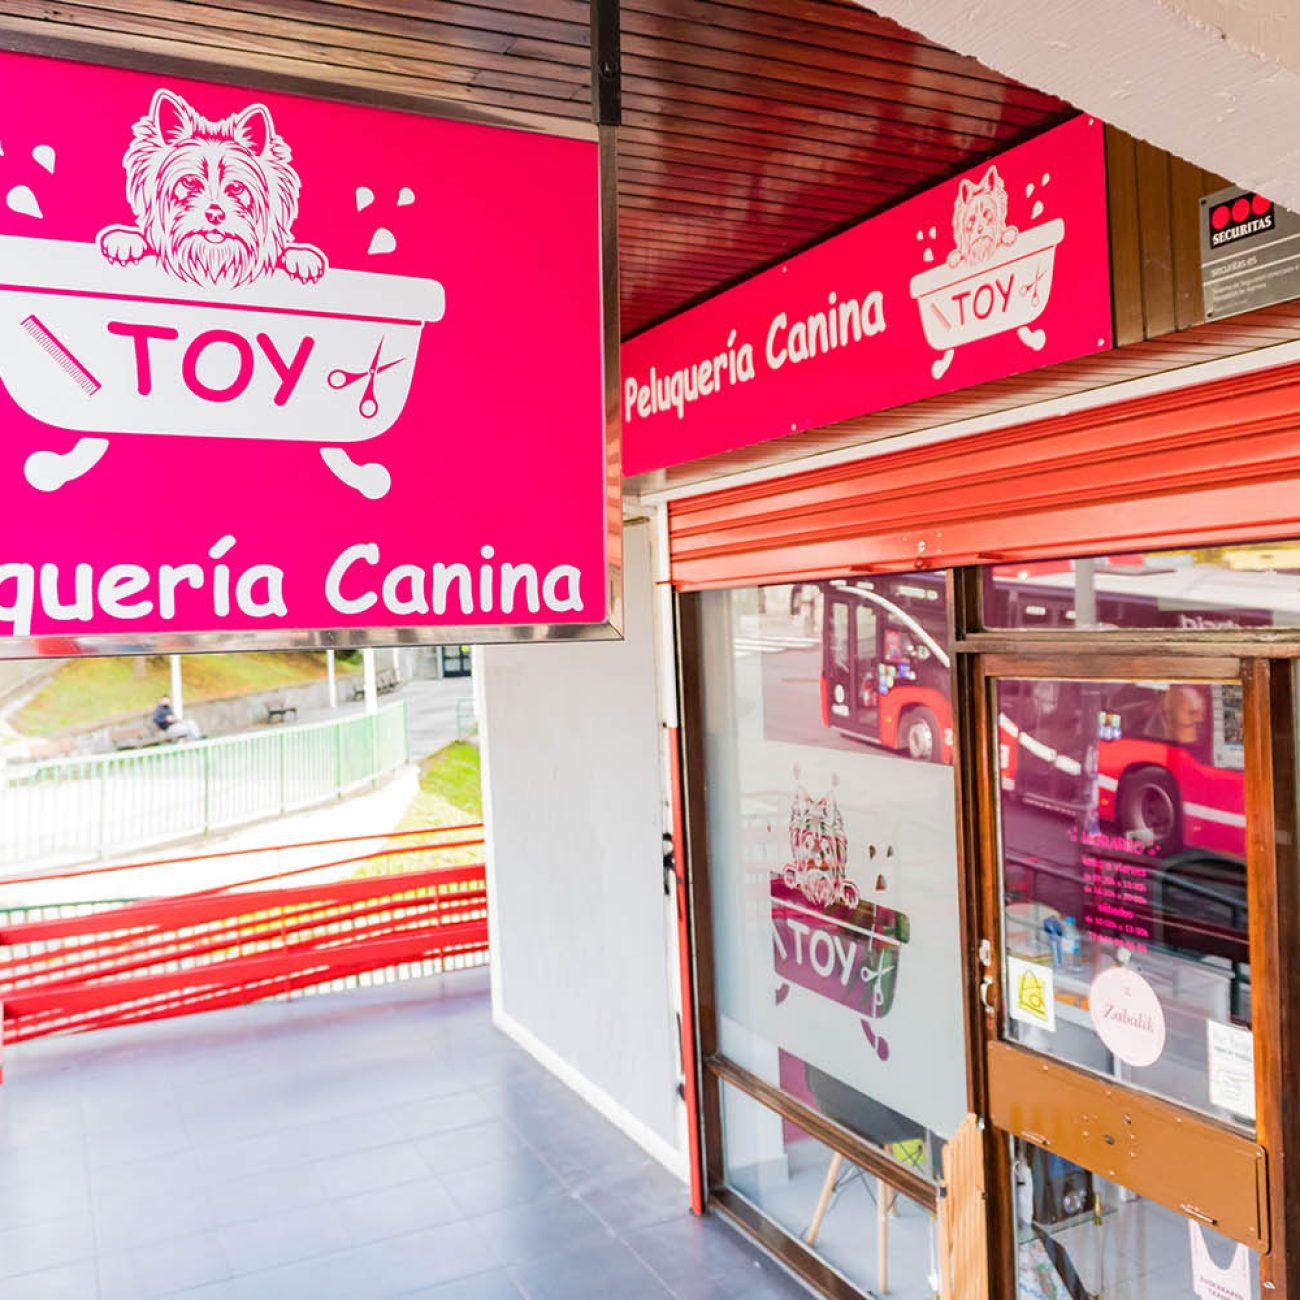 PELUQUERIA CANINA TOY